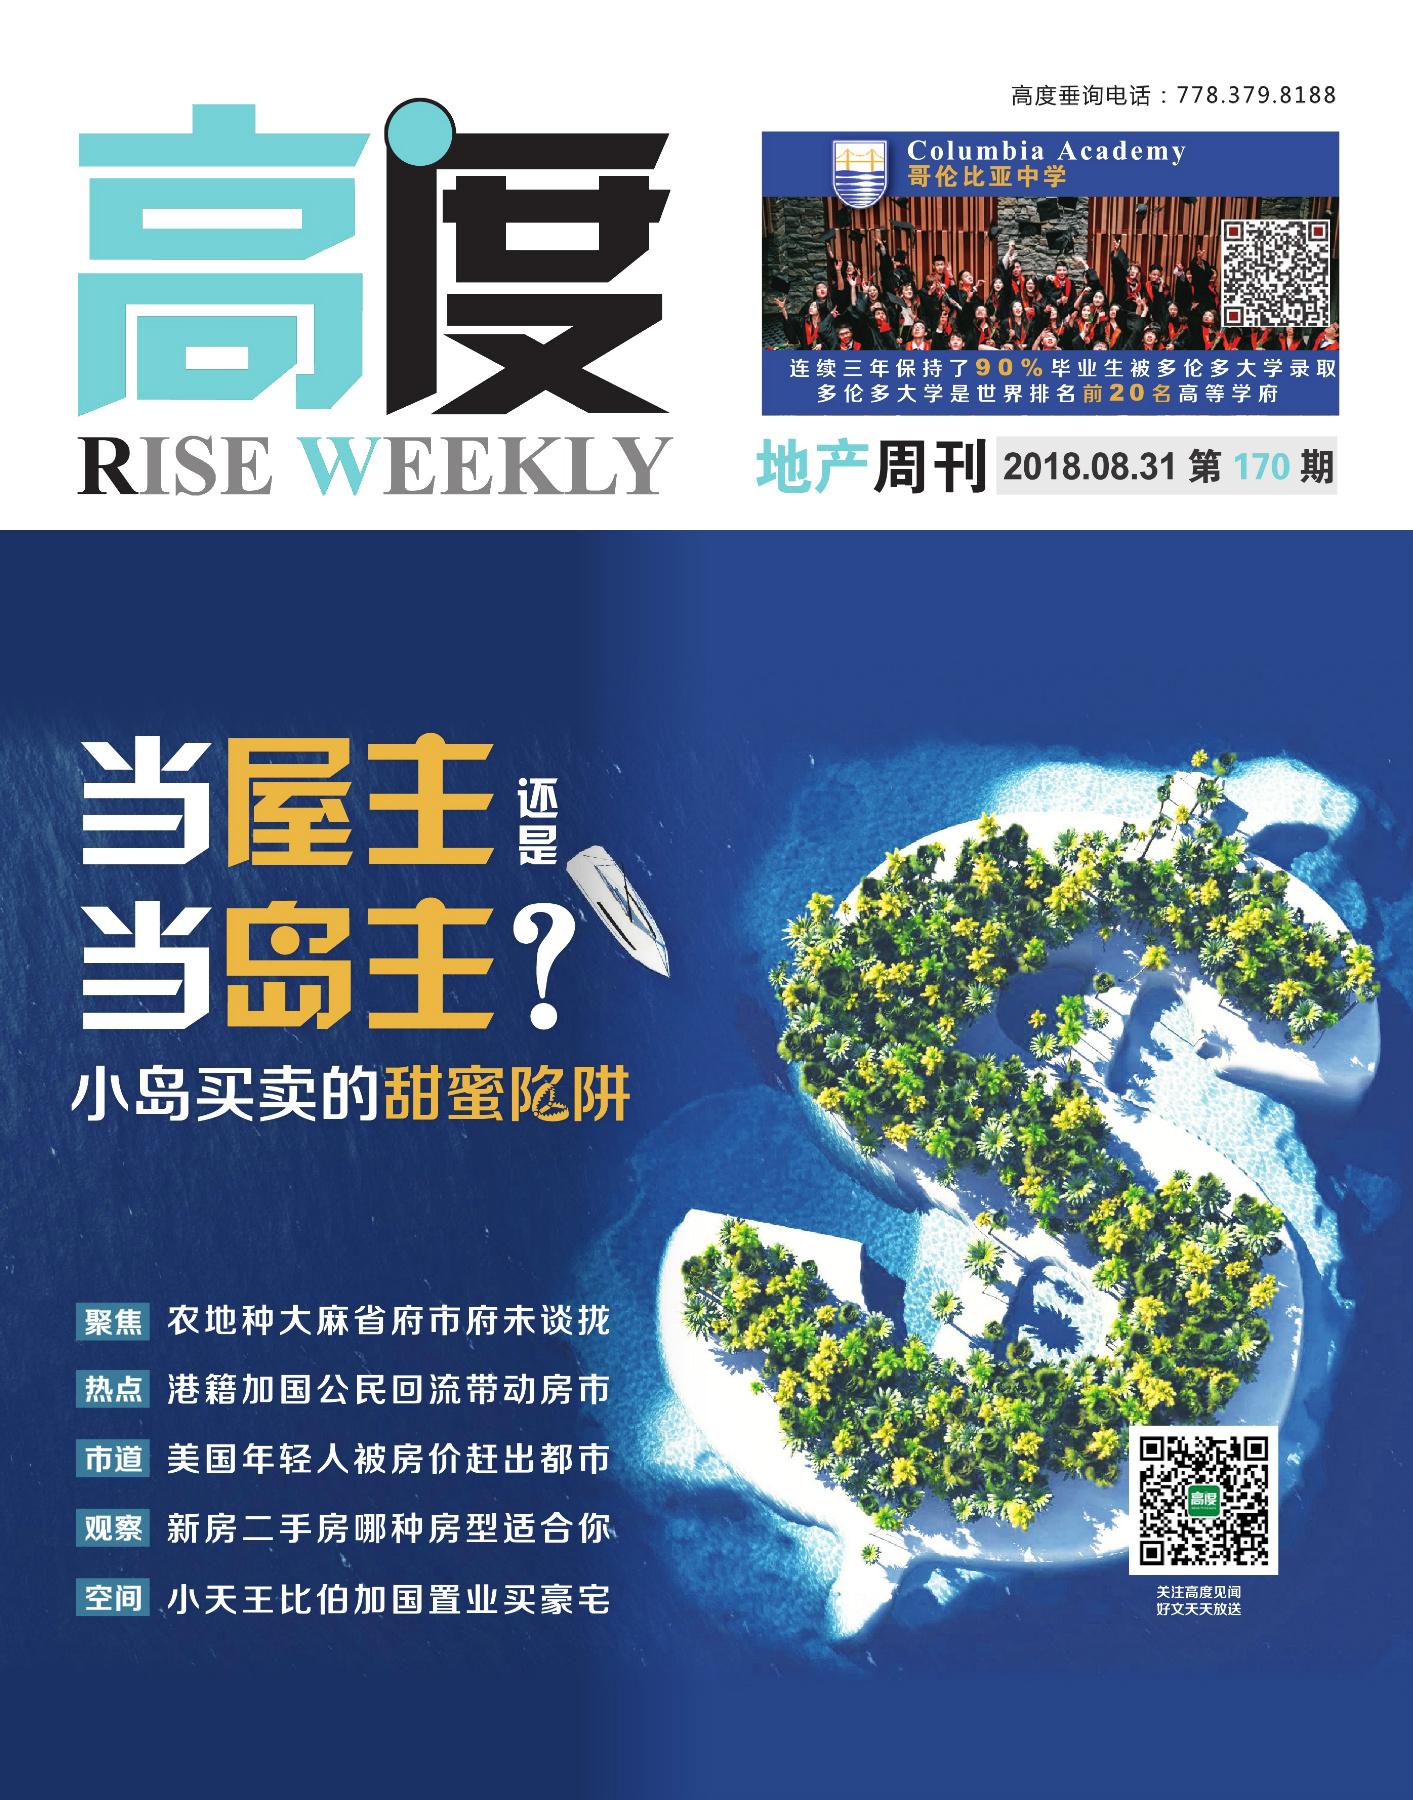 高度地产周刊 2018年08月31日 第170期